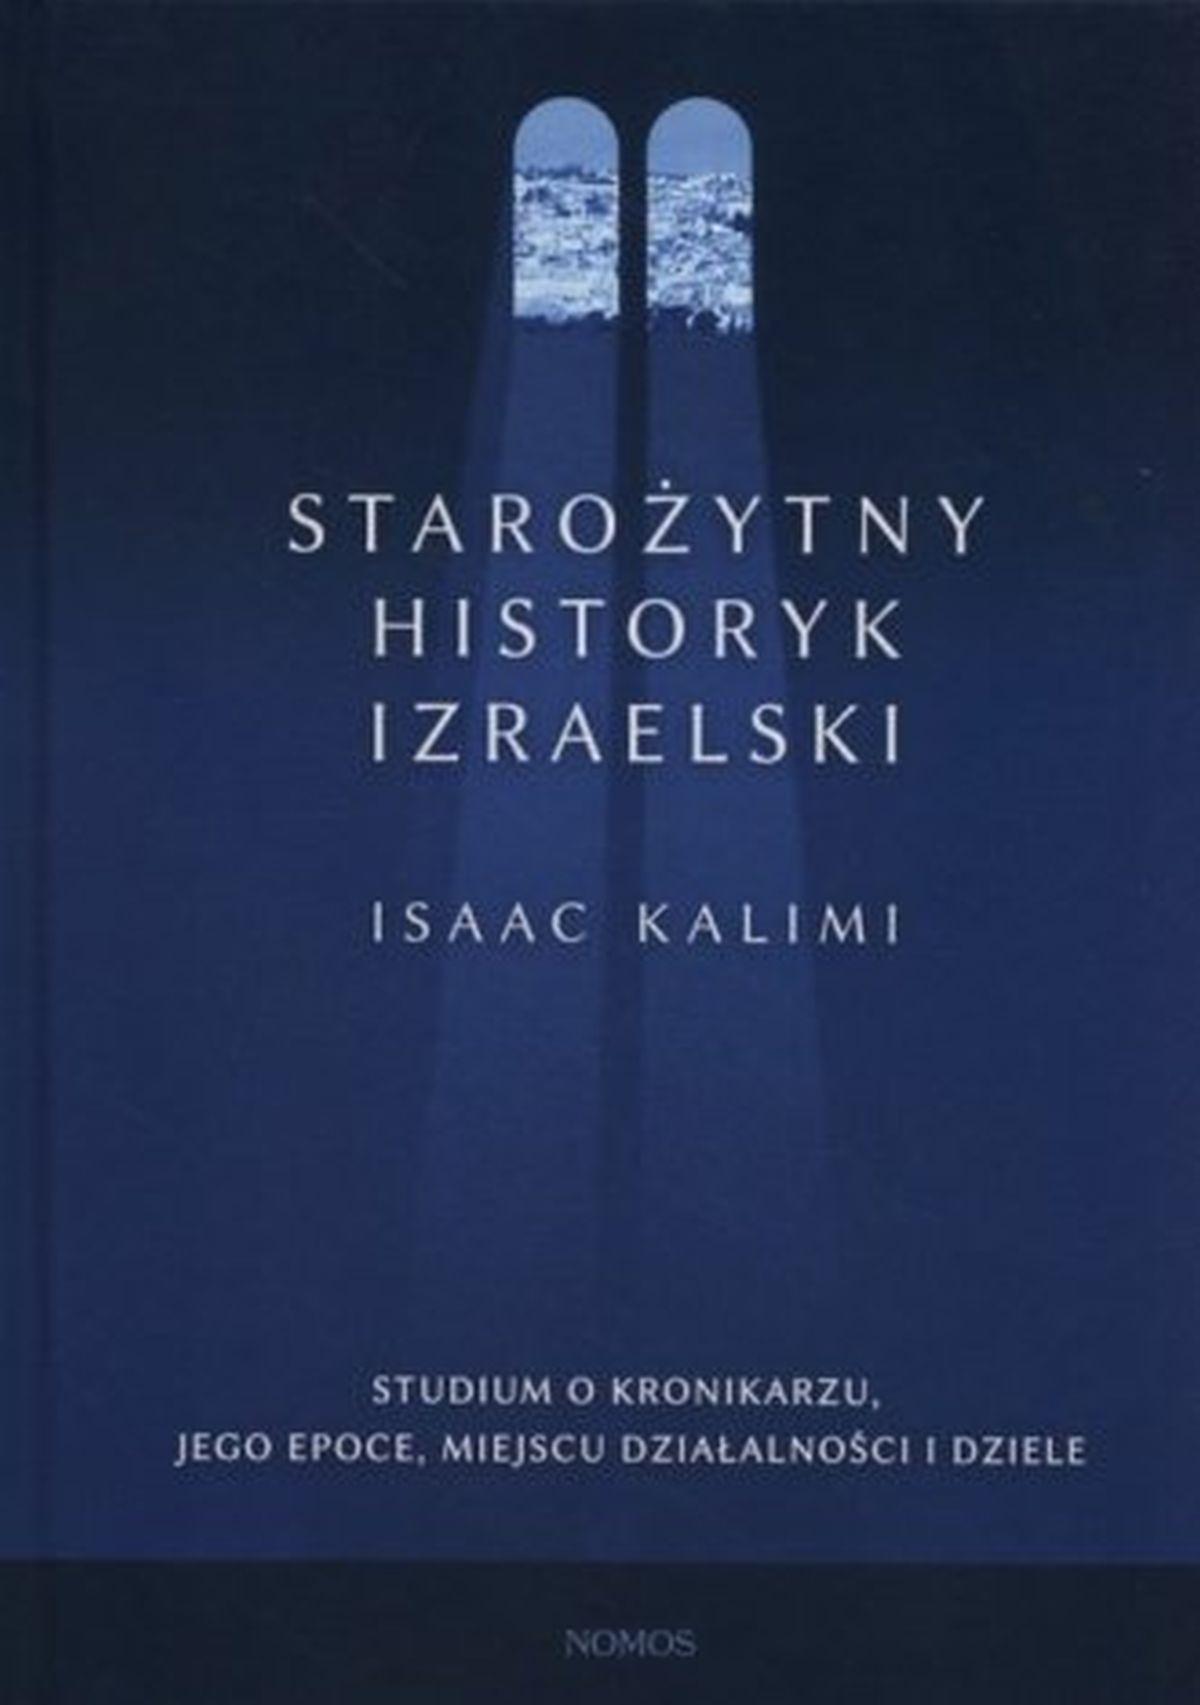 Starożytny historyk izraelski. Studium o Kronikarzu, jego epoce, miejscu działalności i dziele